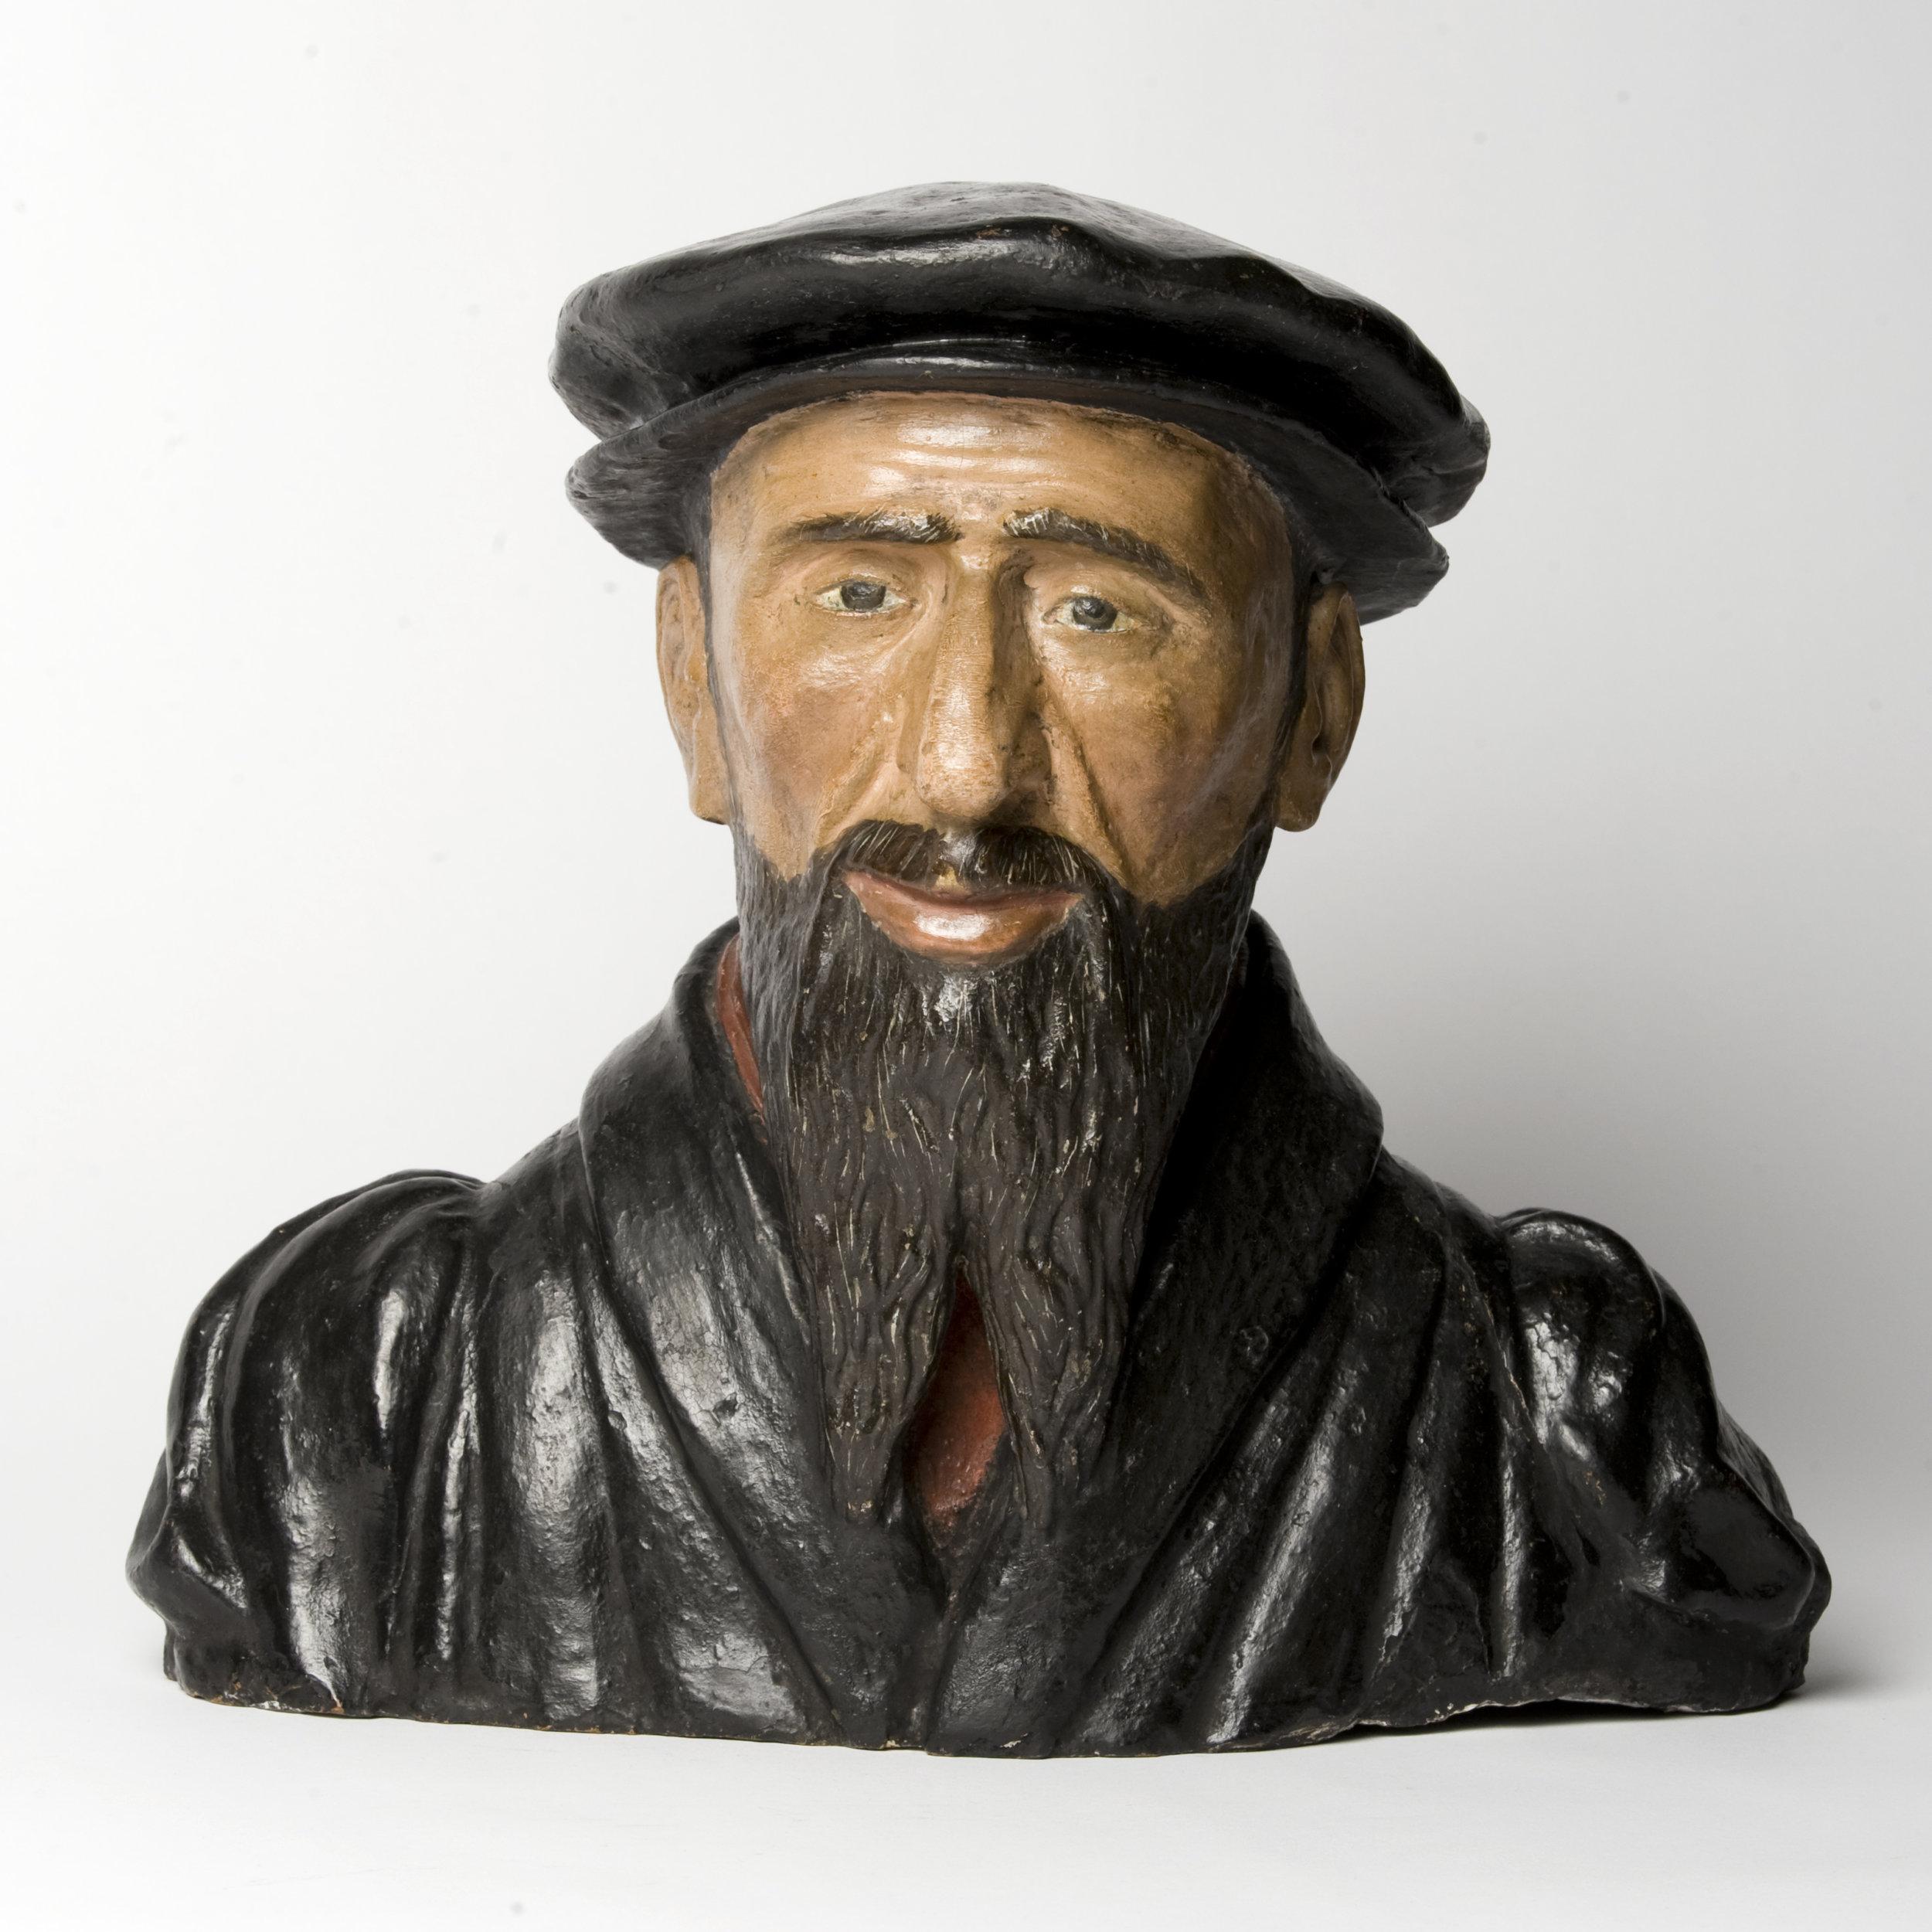 Buste de Guillaume Farel (1489-1565), 16e siècle, terre cuite demi-nature peinte